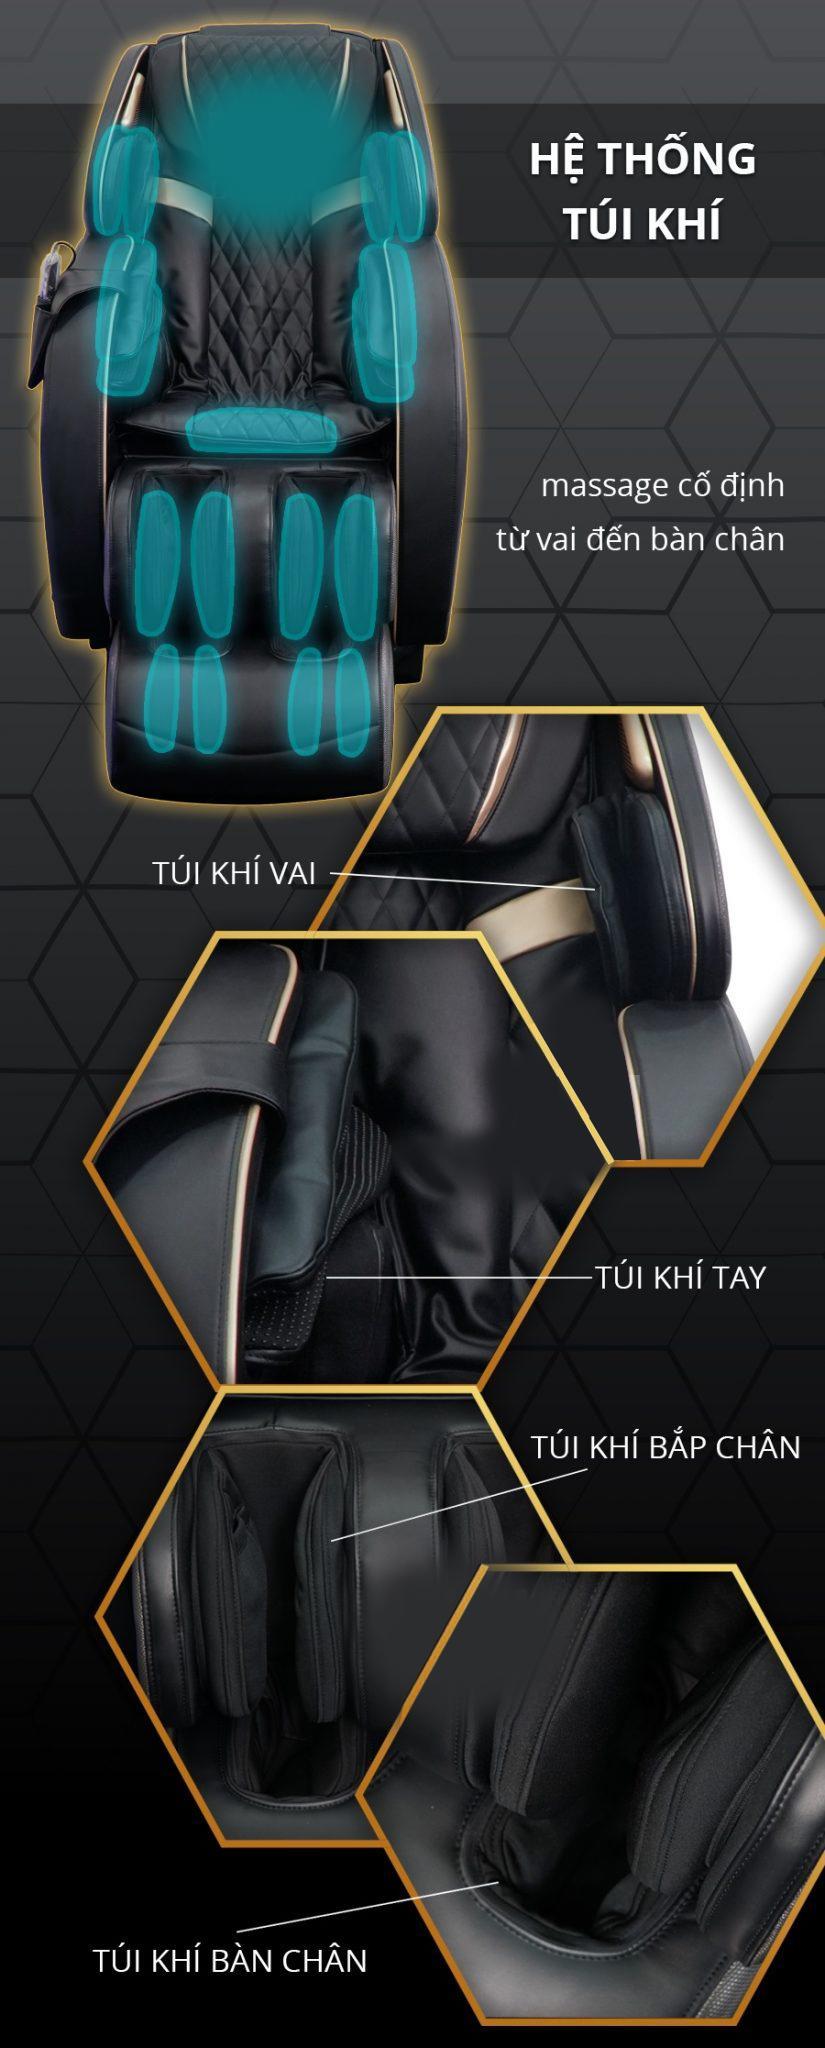 Túi khí bố trí hợp lý, điều chỉnh lực massage phù hợp mang đến sự êm ái, thoải mái.